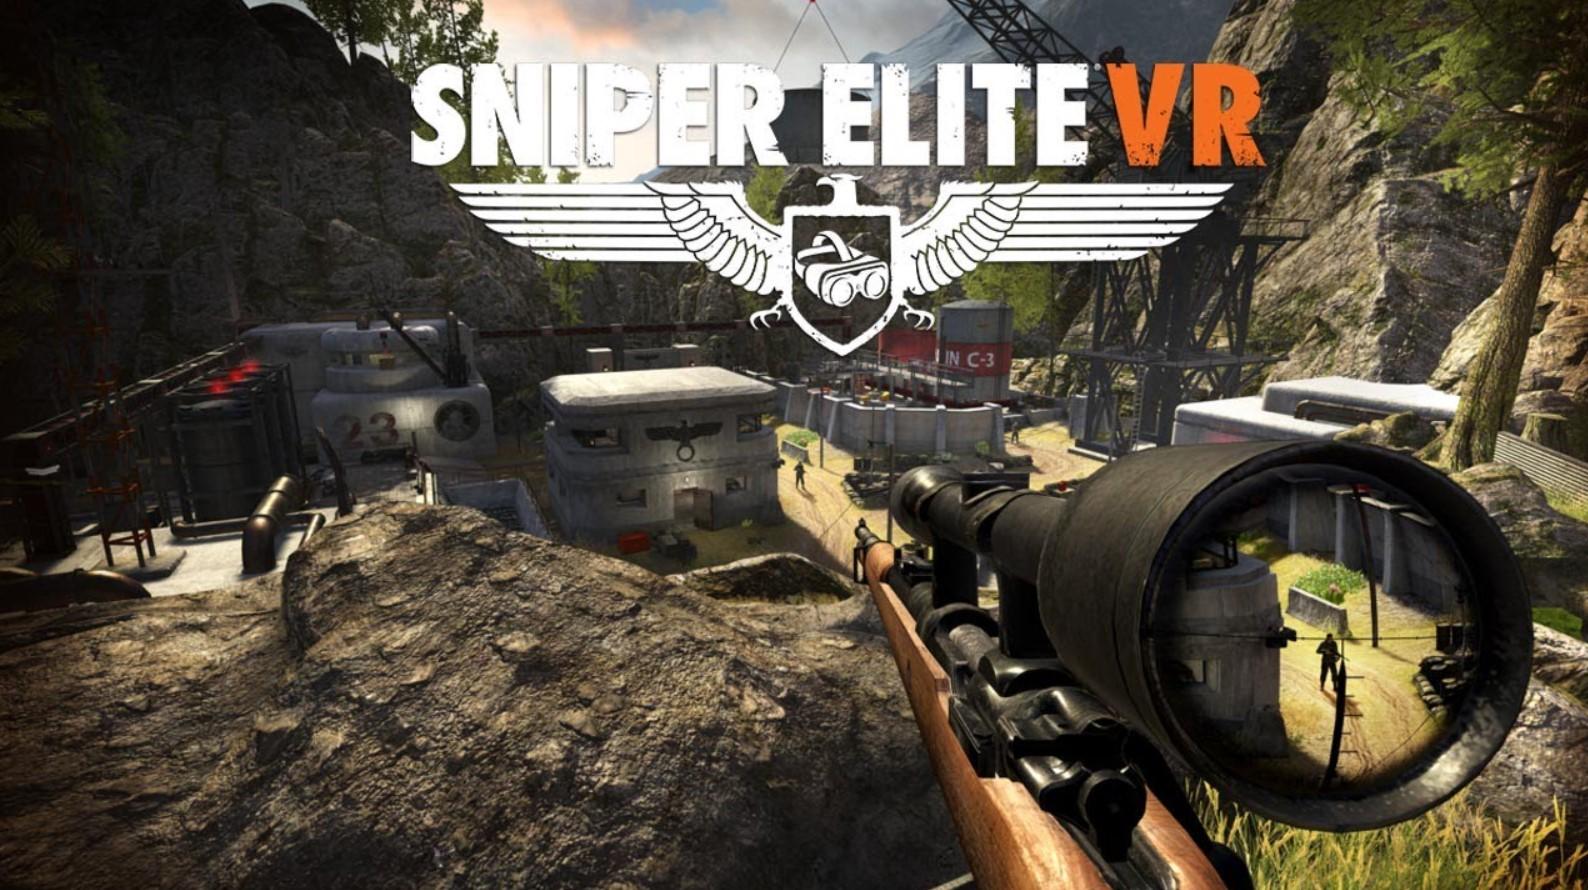 Sniper Elite VR download with crack torrent